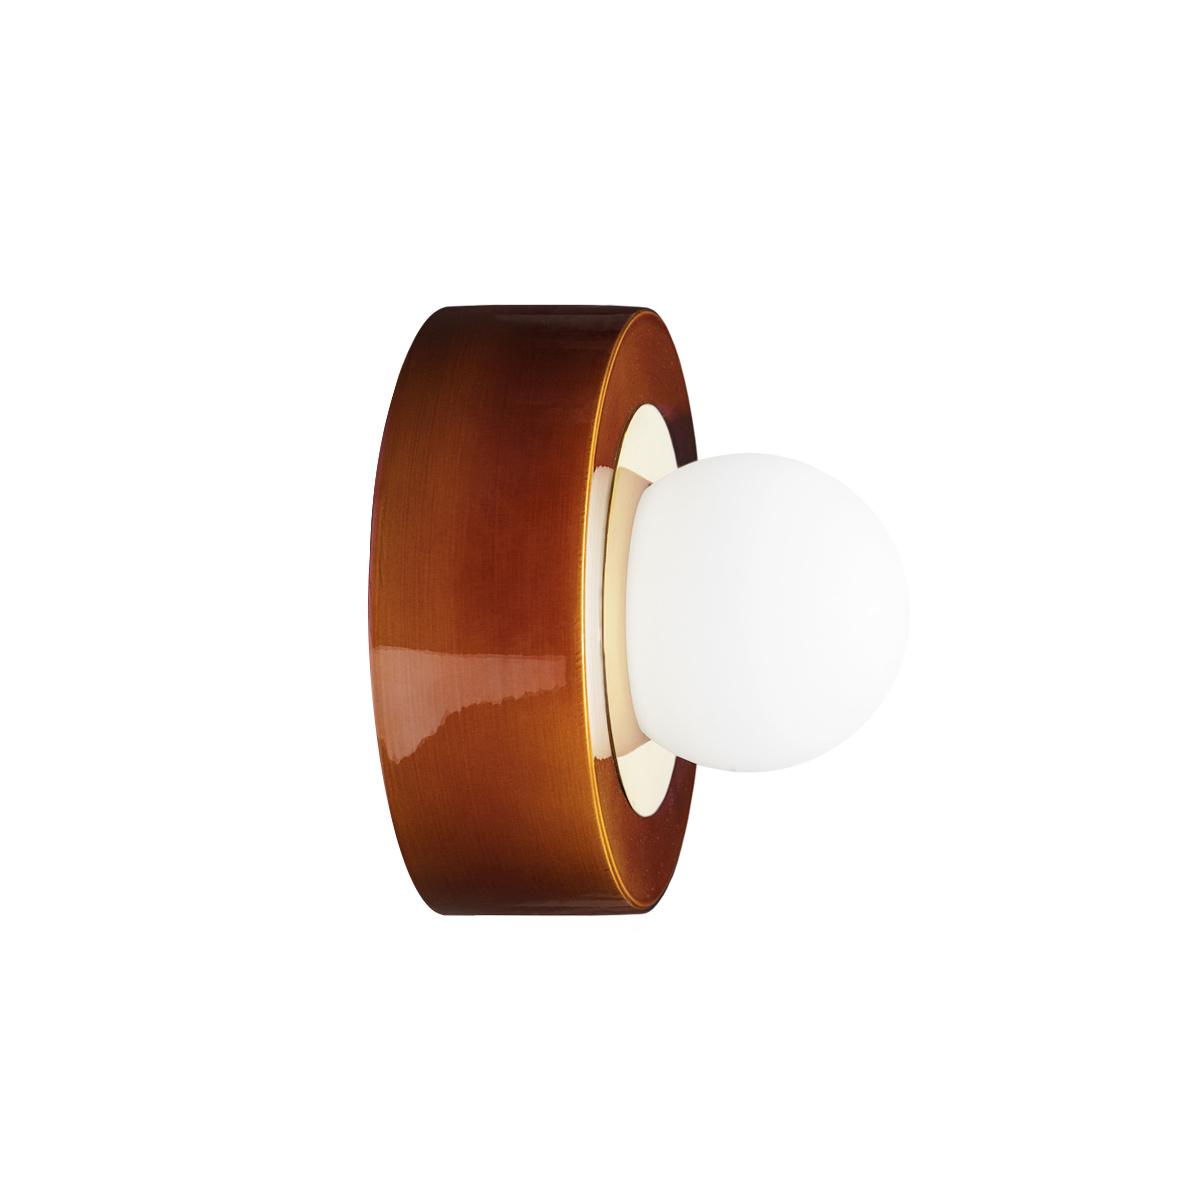 TSF + HAOS Wall Lamp 3.02, Cognac